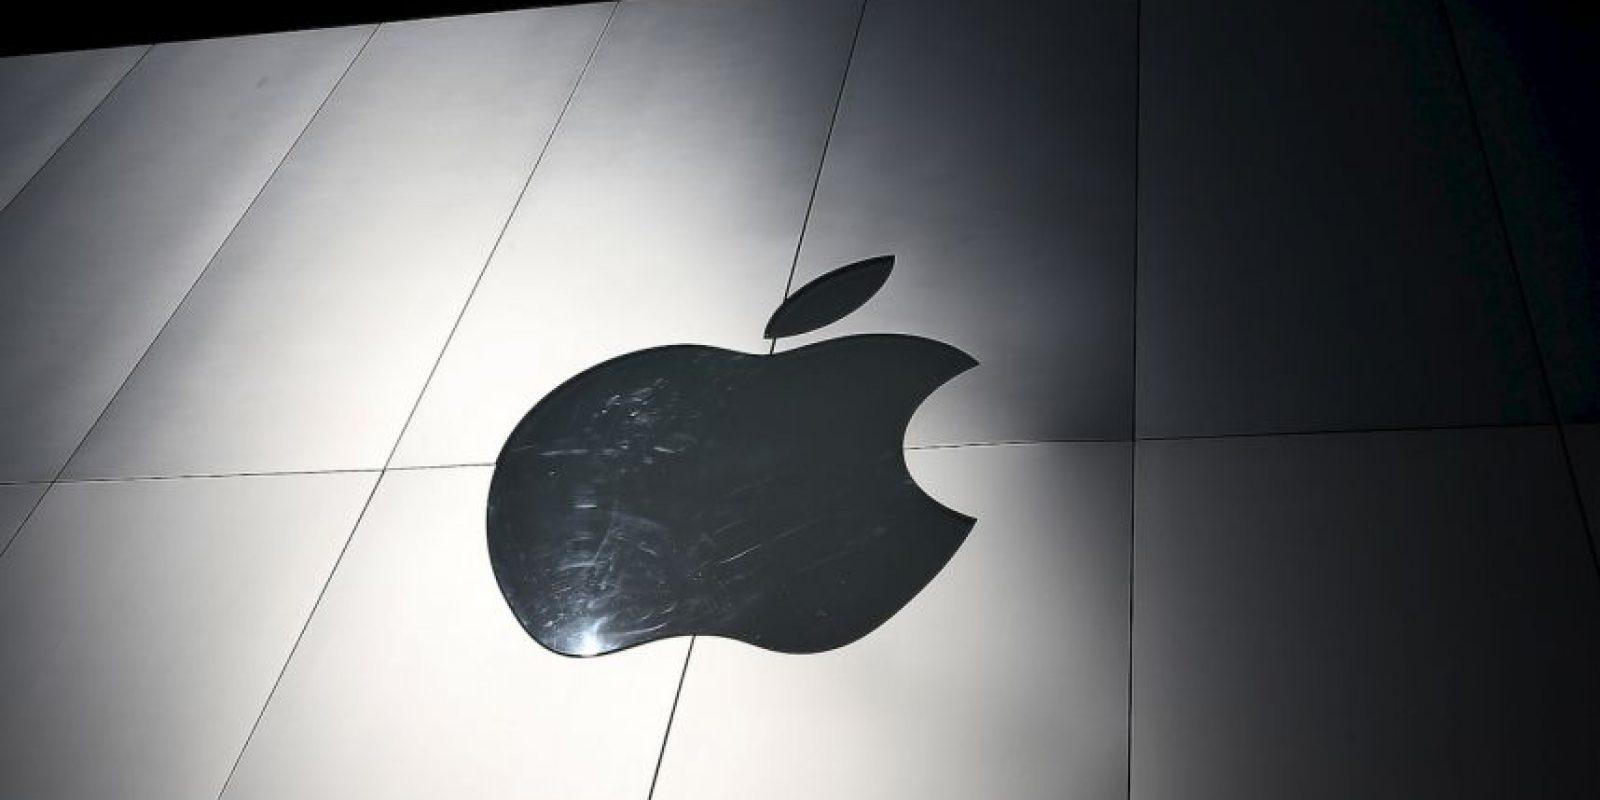 Anteriormente, Apple planeó quitar a Google como buscador predeterminado, como lo ha hecho Microsoft. Sin embargo, no se confirmó esta separación Foto:Getty Images